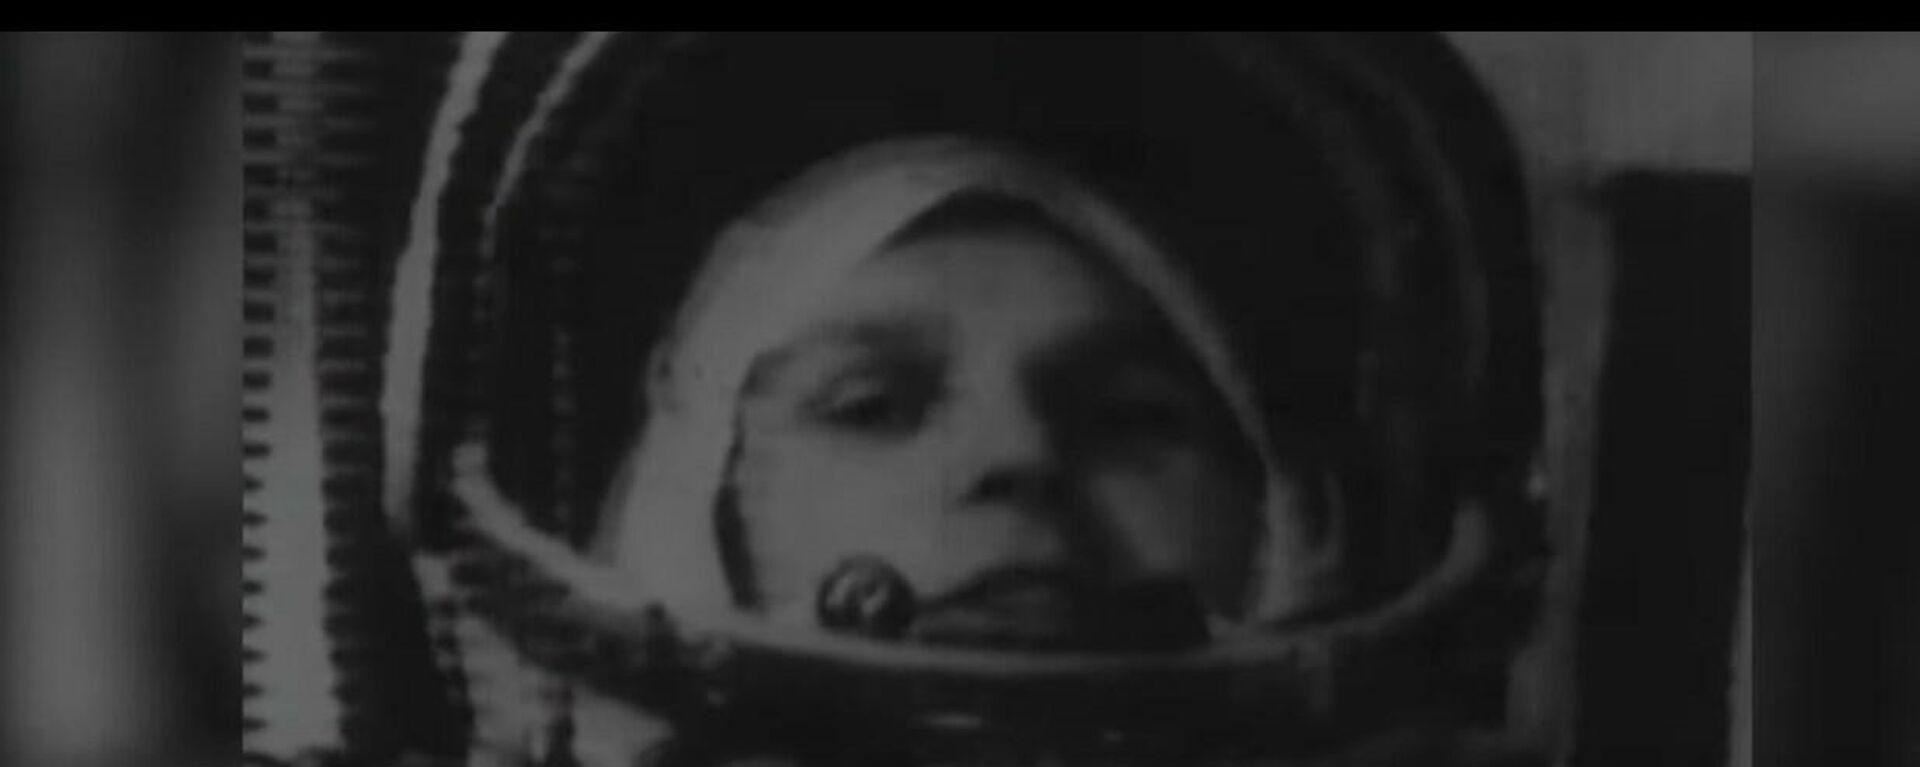 Юрий Гагарин дар кайҳон - Sputnik Тоҷикистон, 1920, 12.04.2021